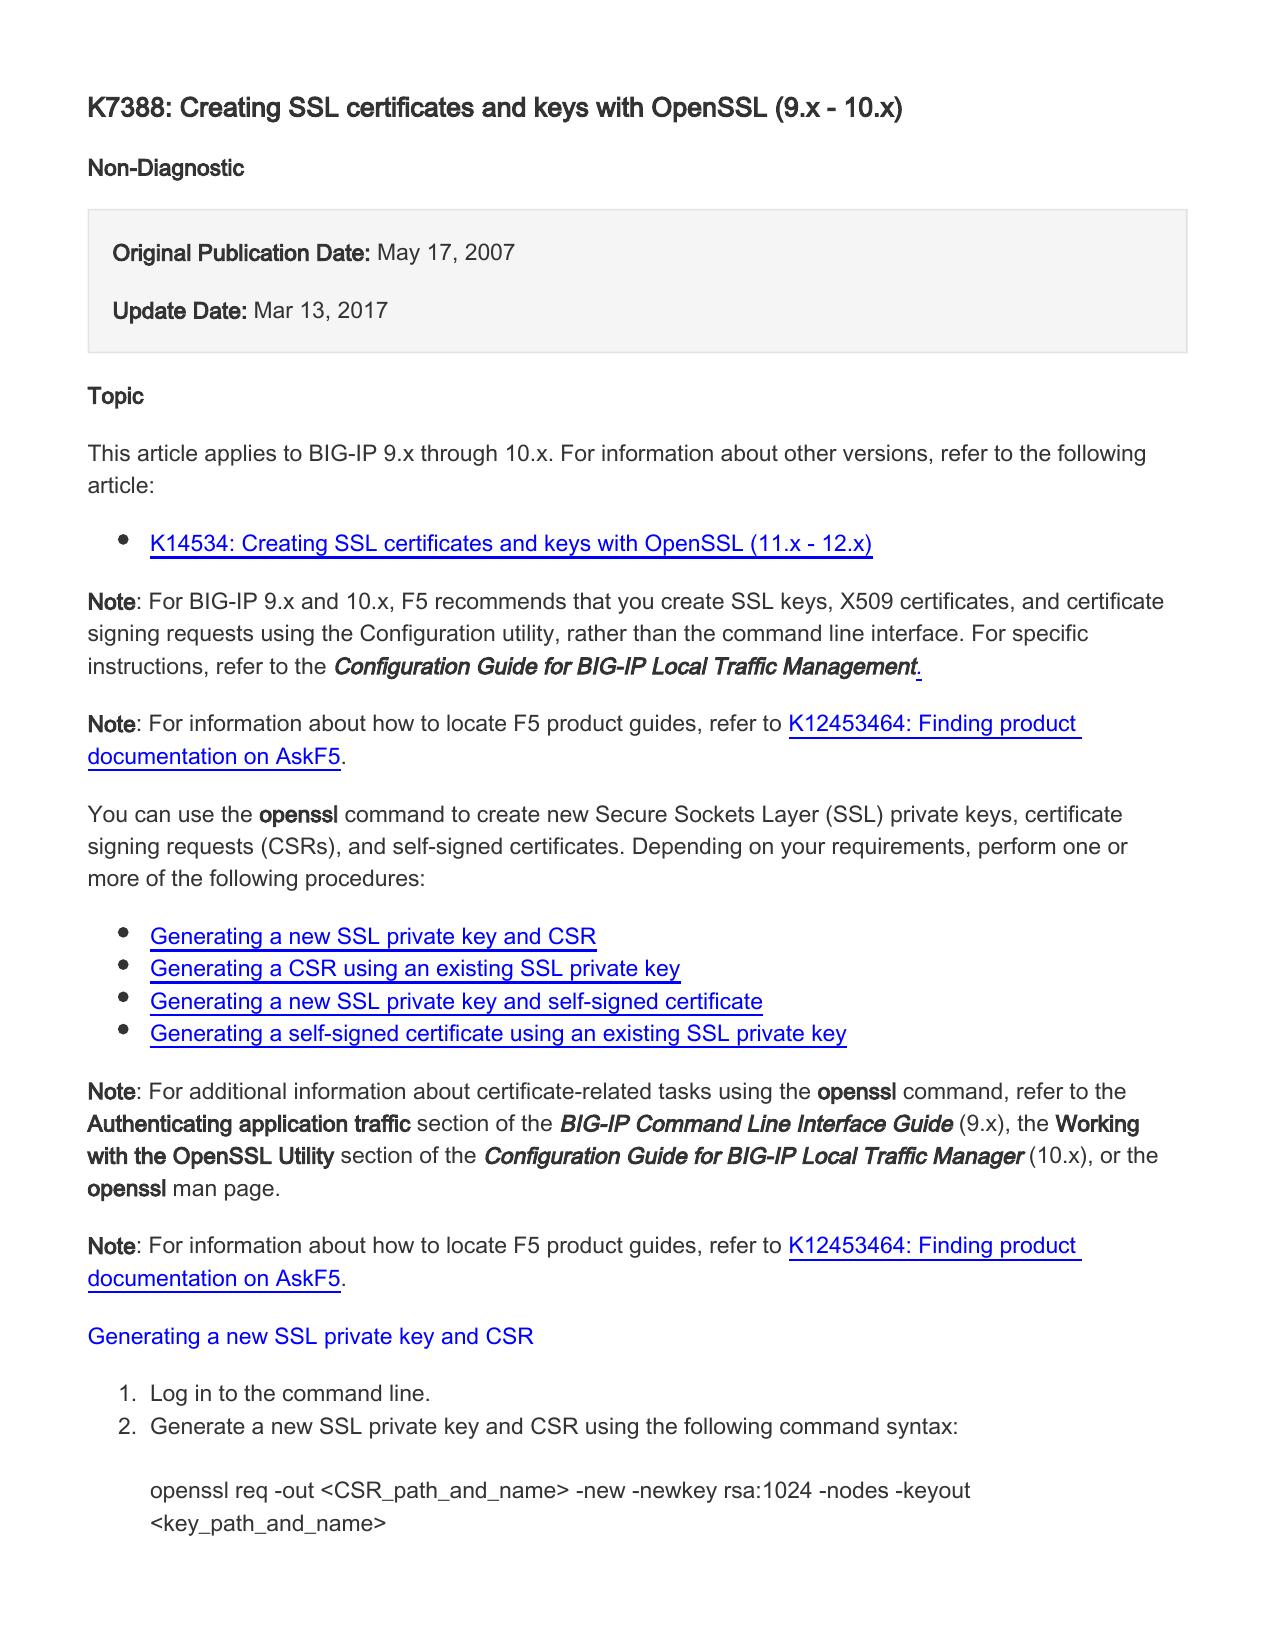 Openssl generate public key from csr program